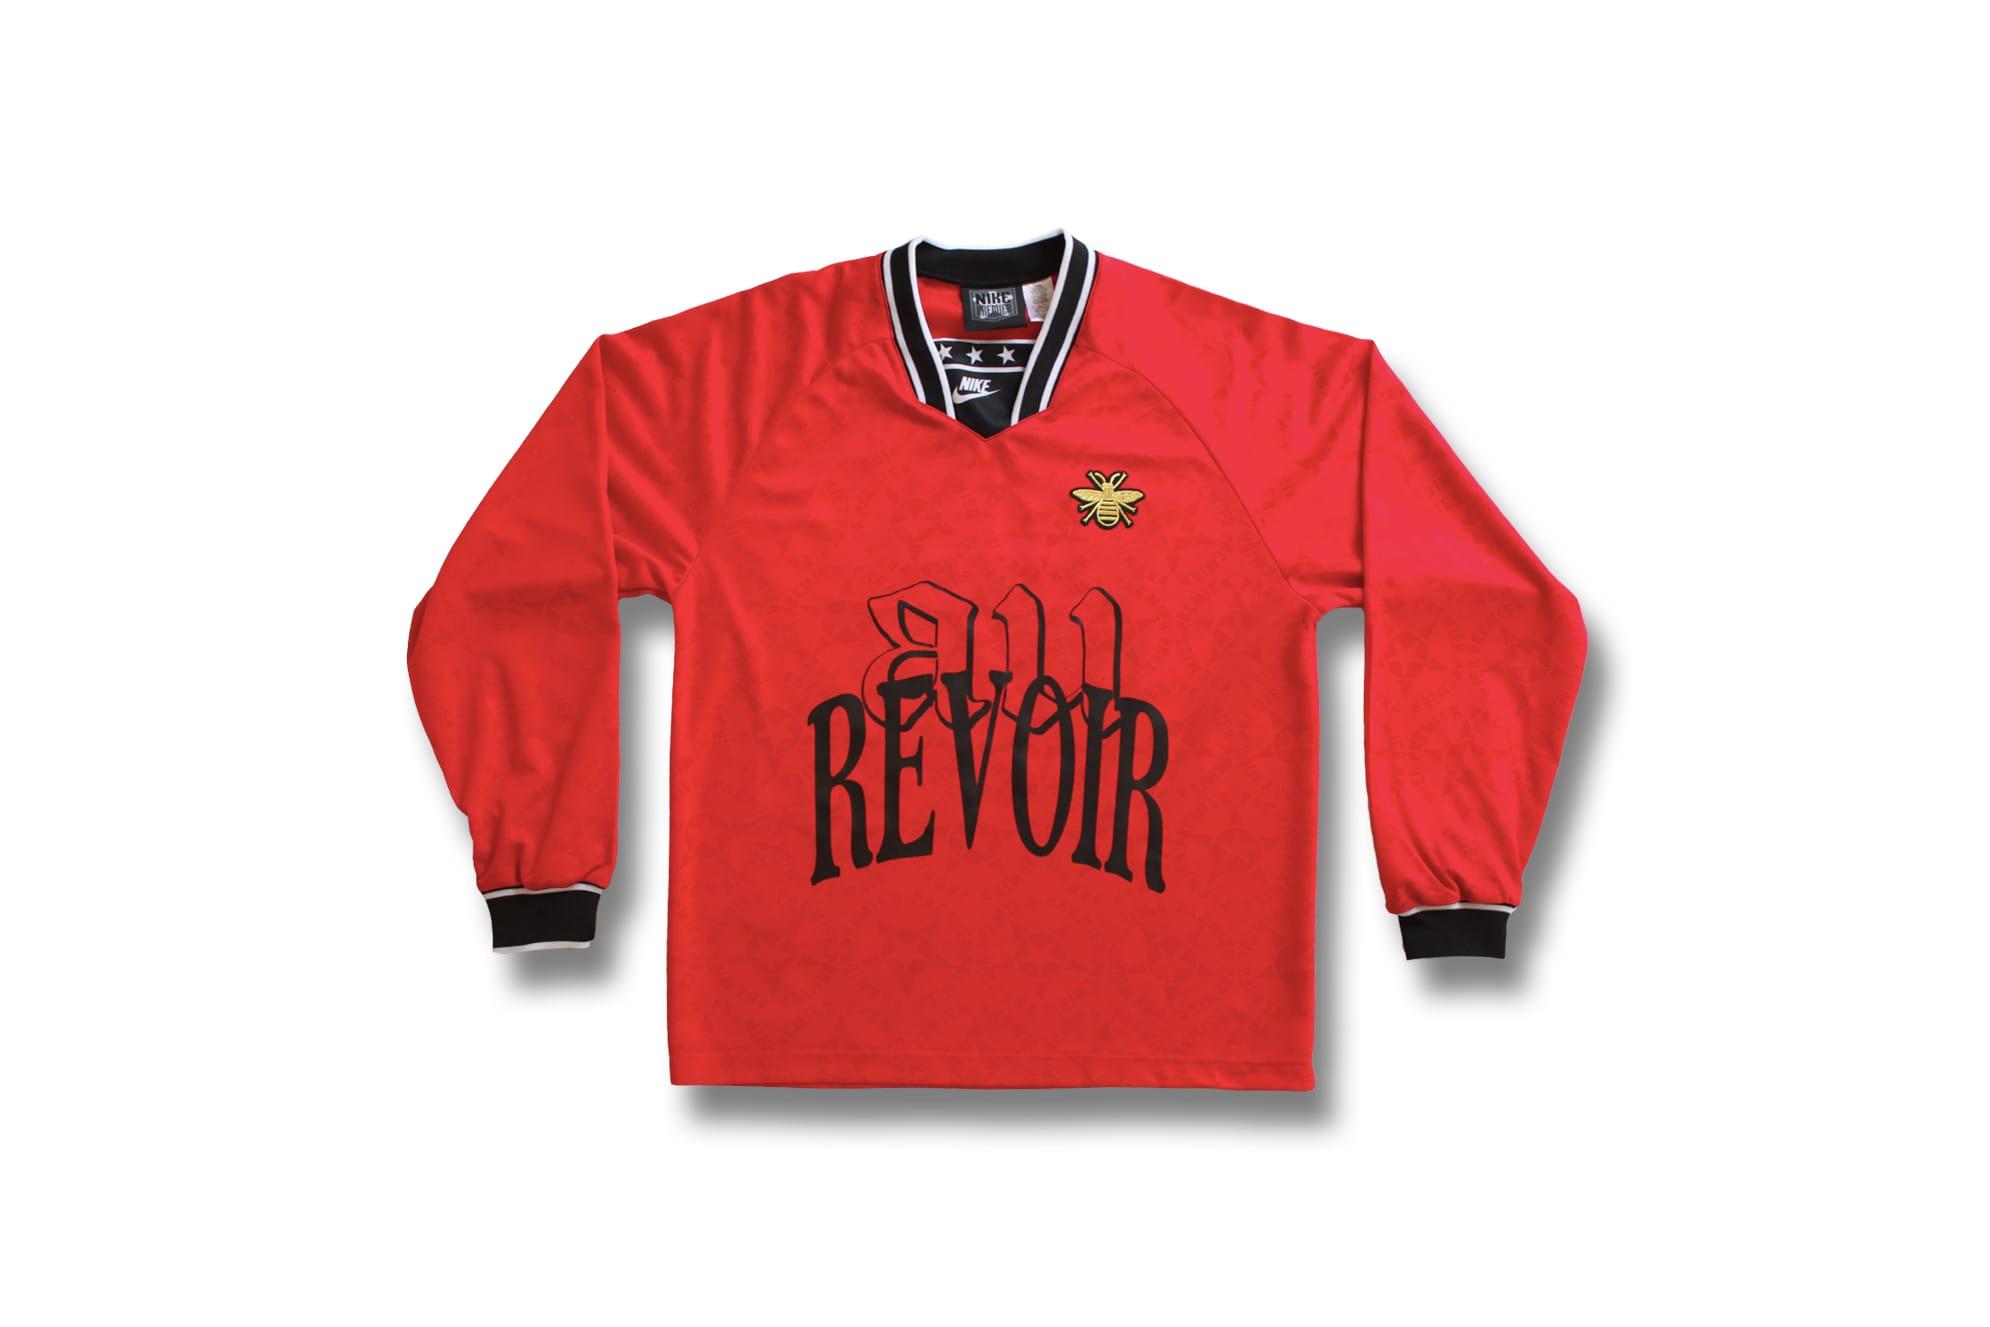 Golden Cabane revisite le maillot de Manchester United pour une collection en hommage à Éric Cantona